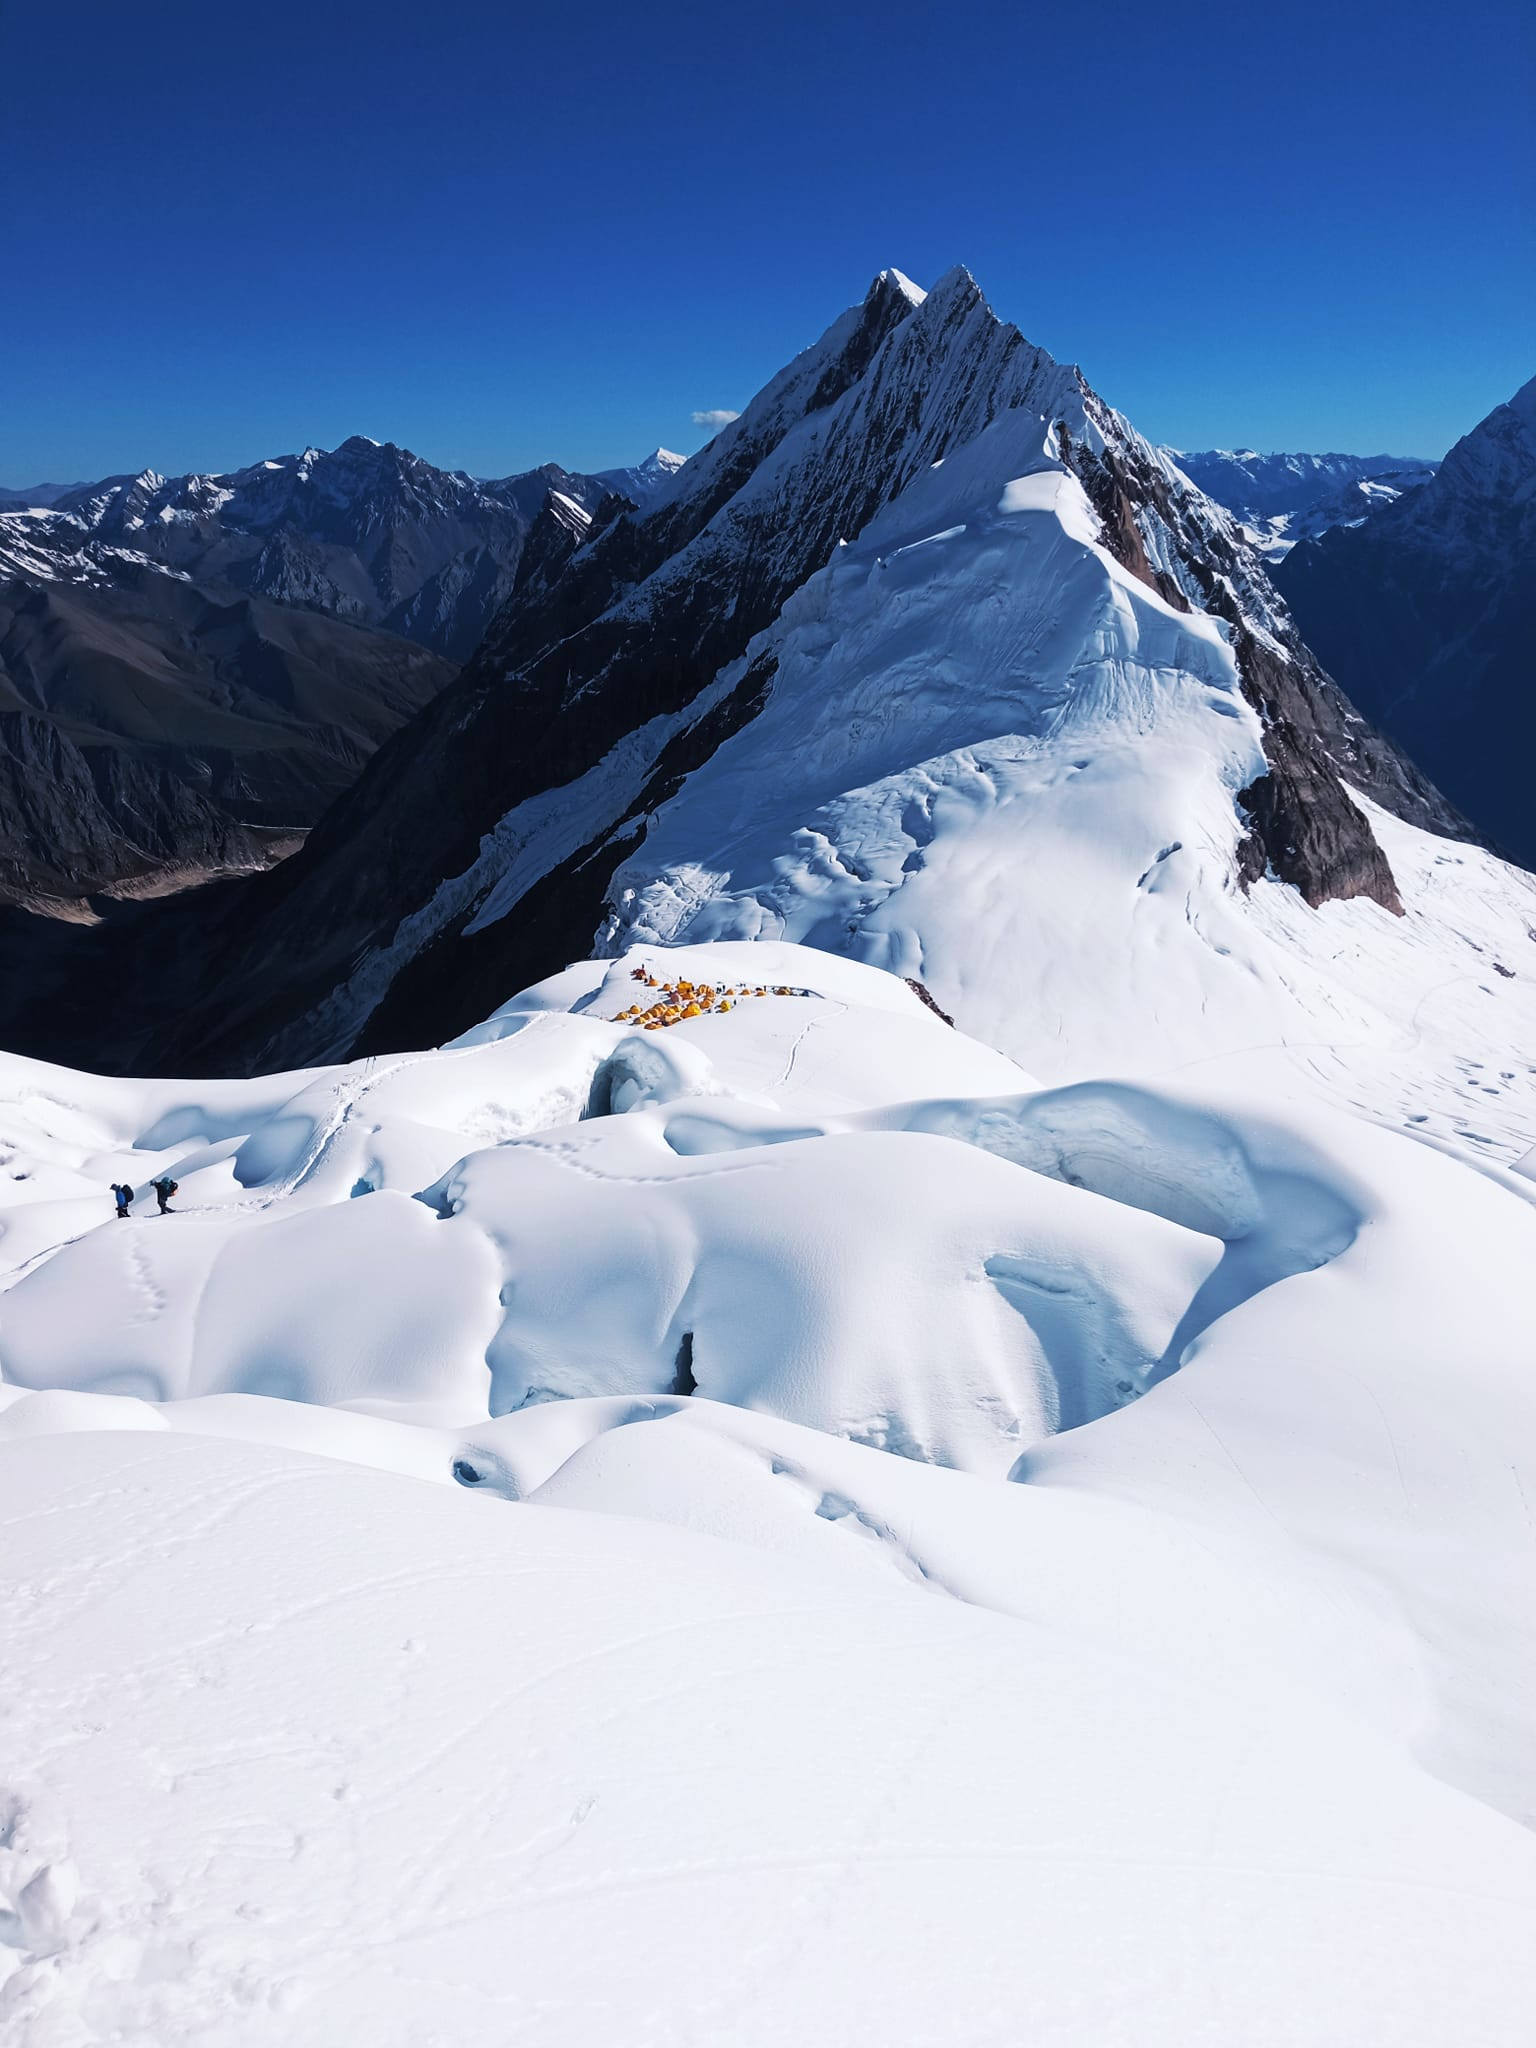 Украинец покорил восьмую по высоте вершину мира - фото 6